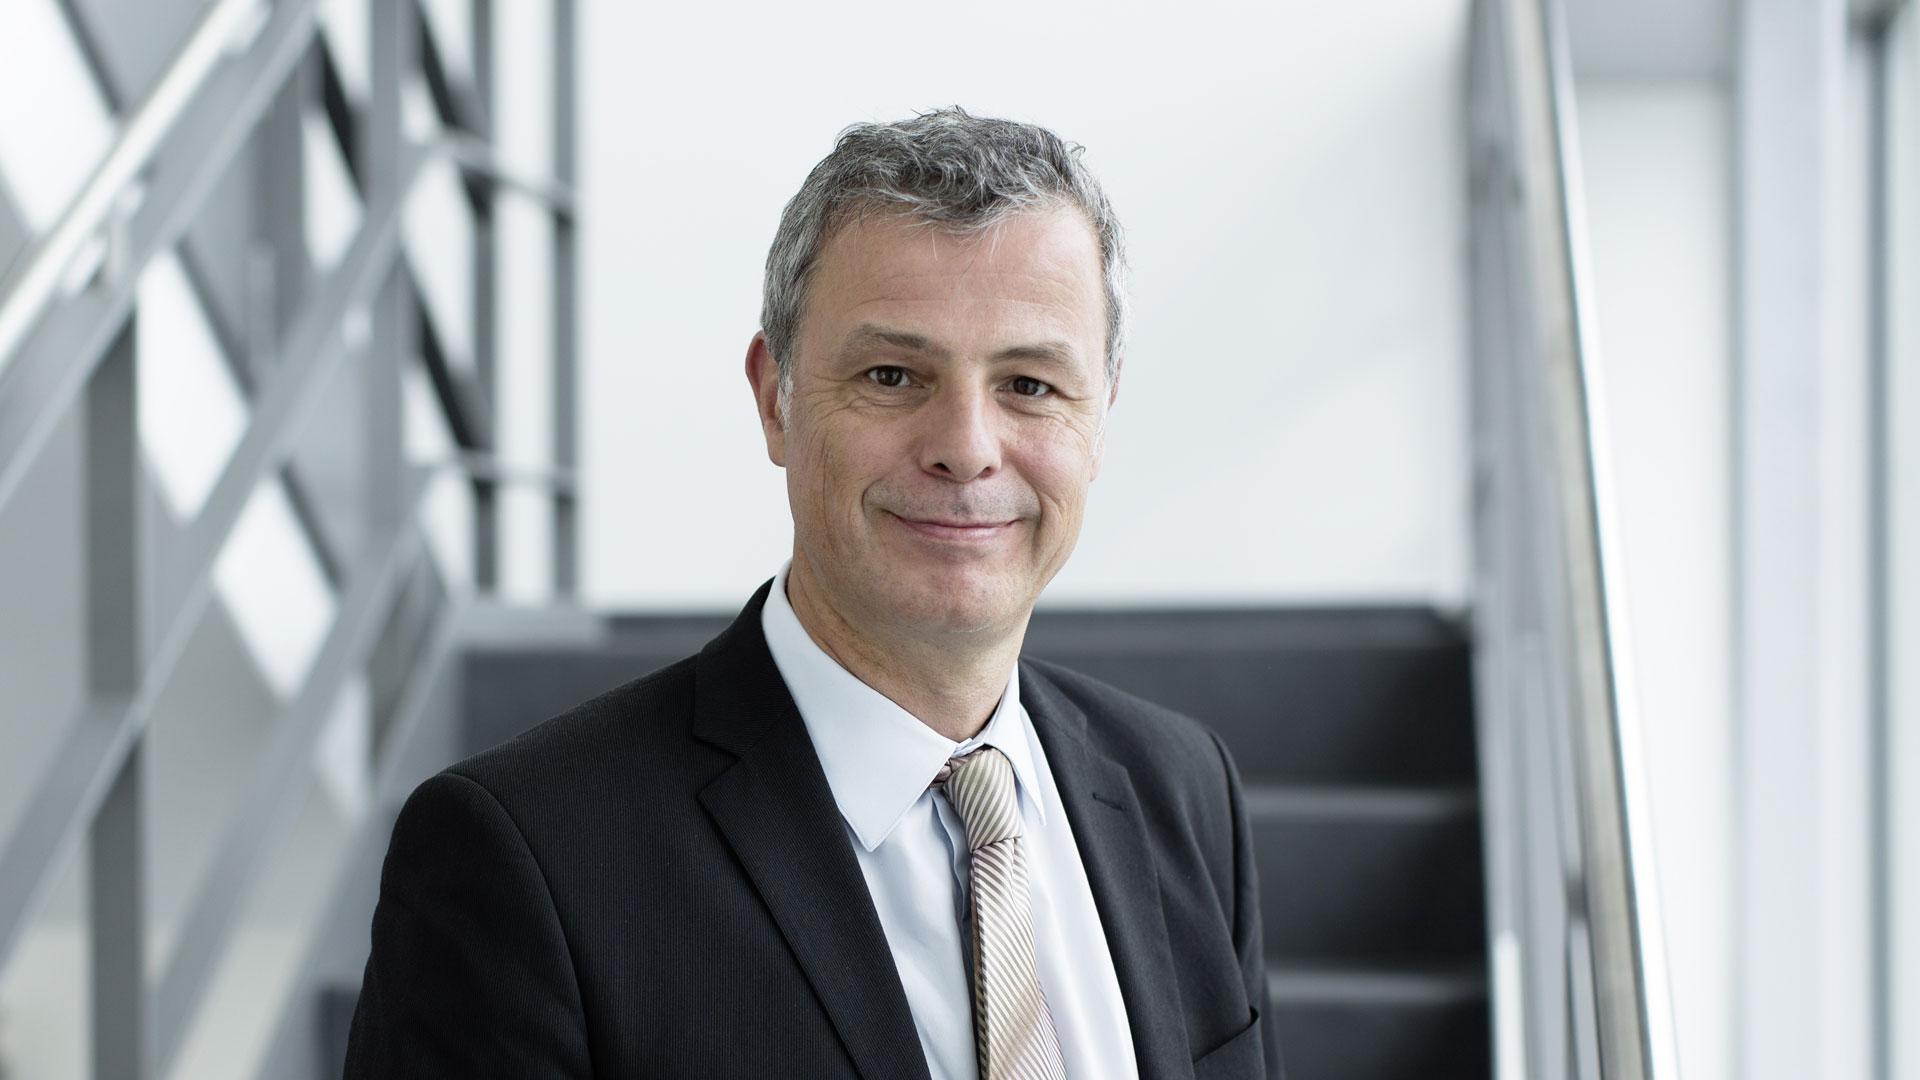 Social Media als Motor der Transformation – Dr. Thomas Theuringer über Chancen der Unternehmenskommunikation bei Qiagen und Learnings aus der Krise // ZZPodcast #17